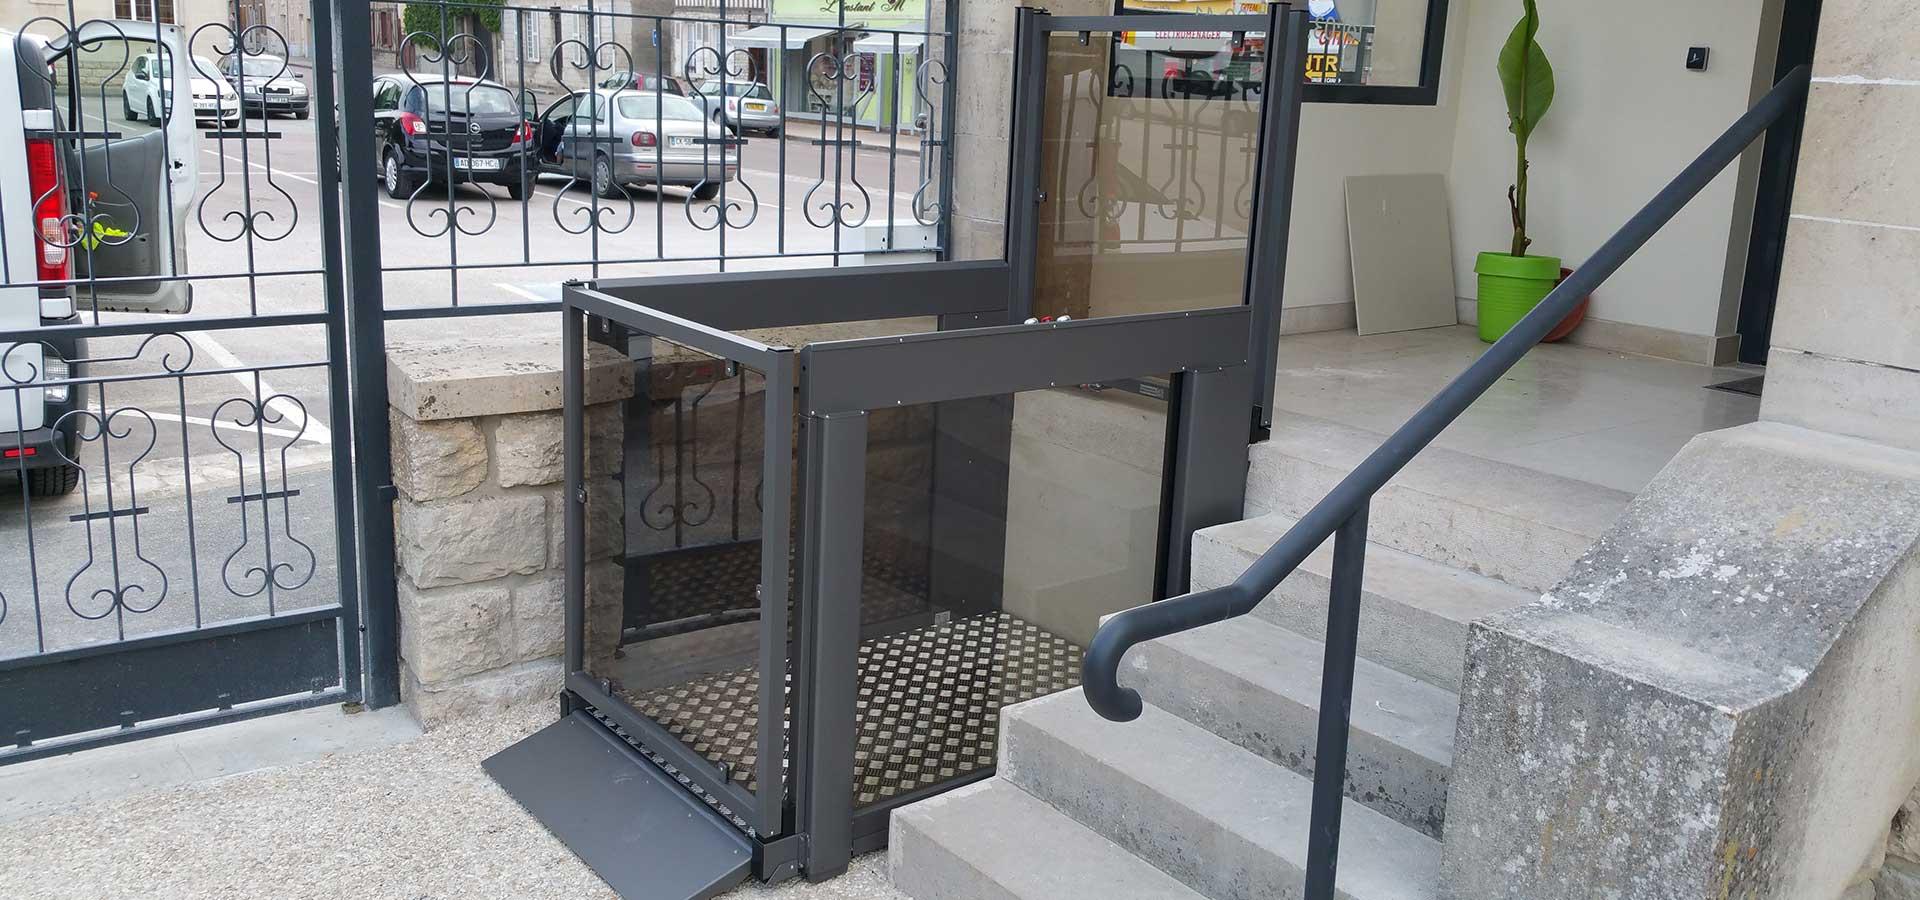 ABC LIFT LE spécialiste en élévateurs PMR plateformes élévatrices ascenseurs PMR en Bourgogne